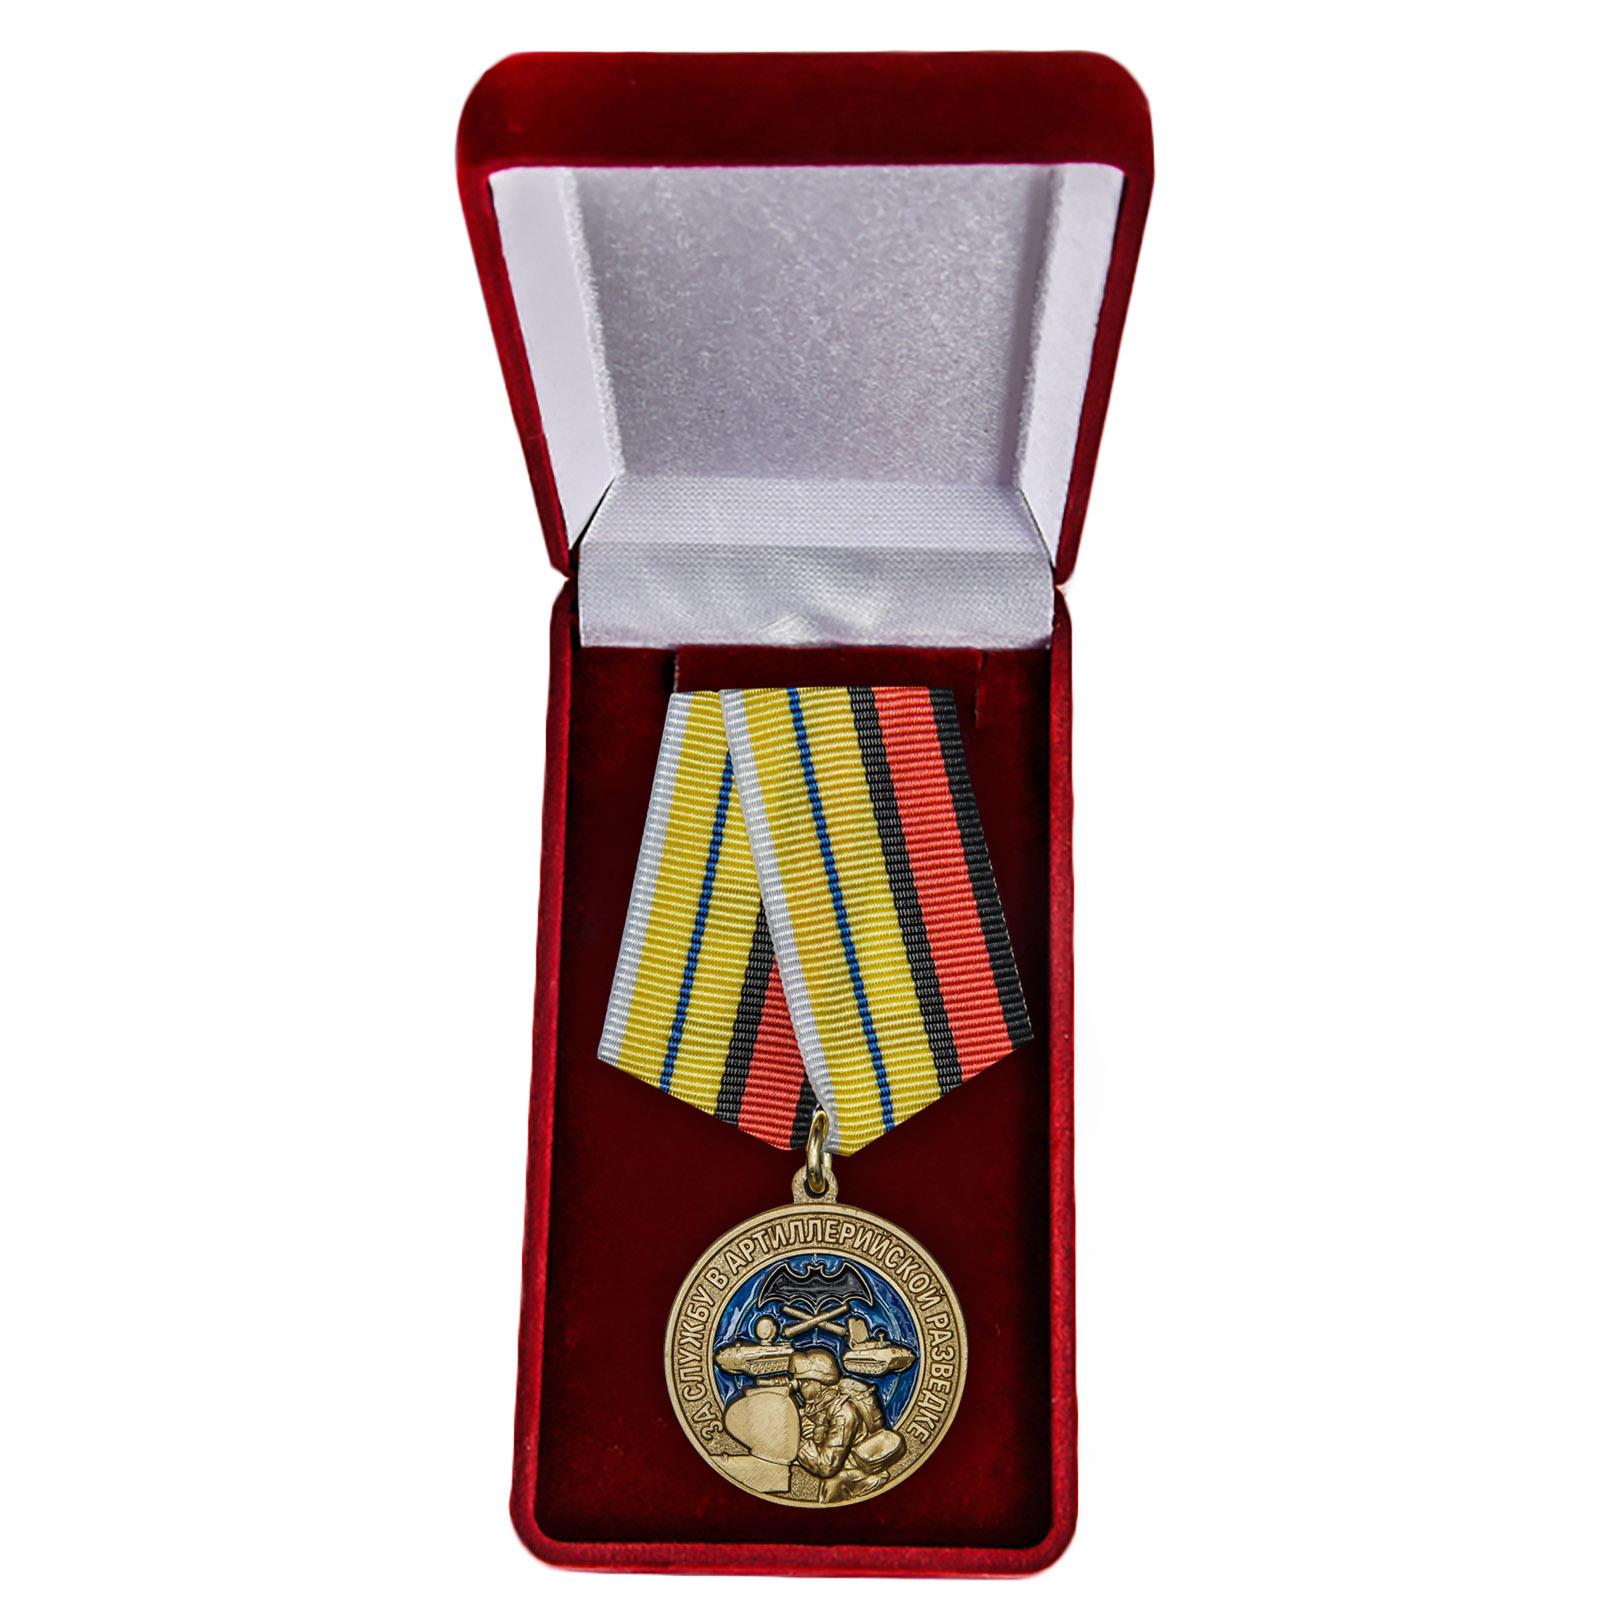 Наградная медаль За службу в артиллерийской разведке - в футляре